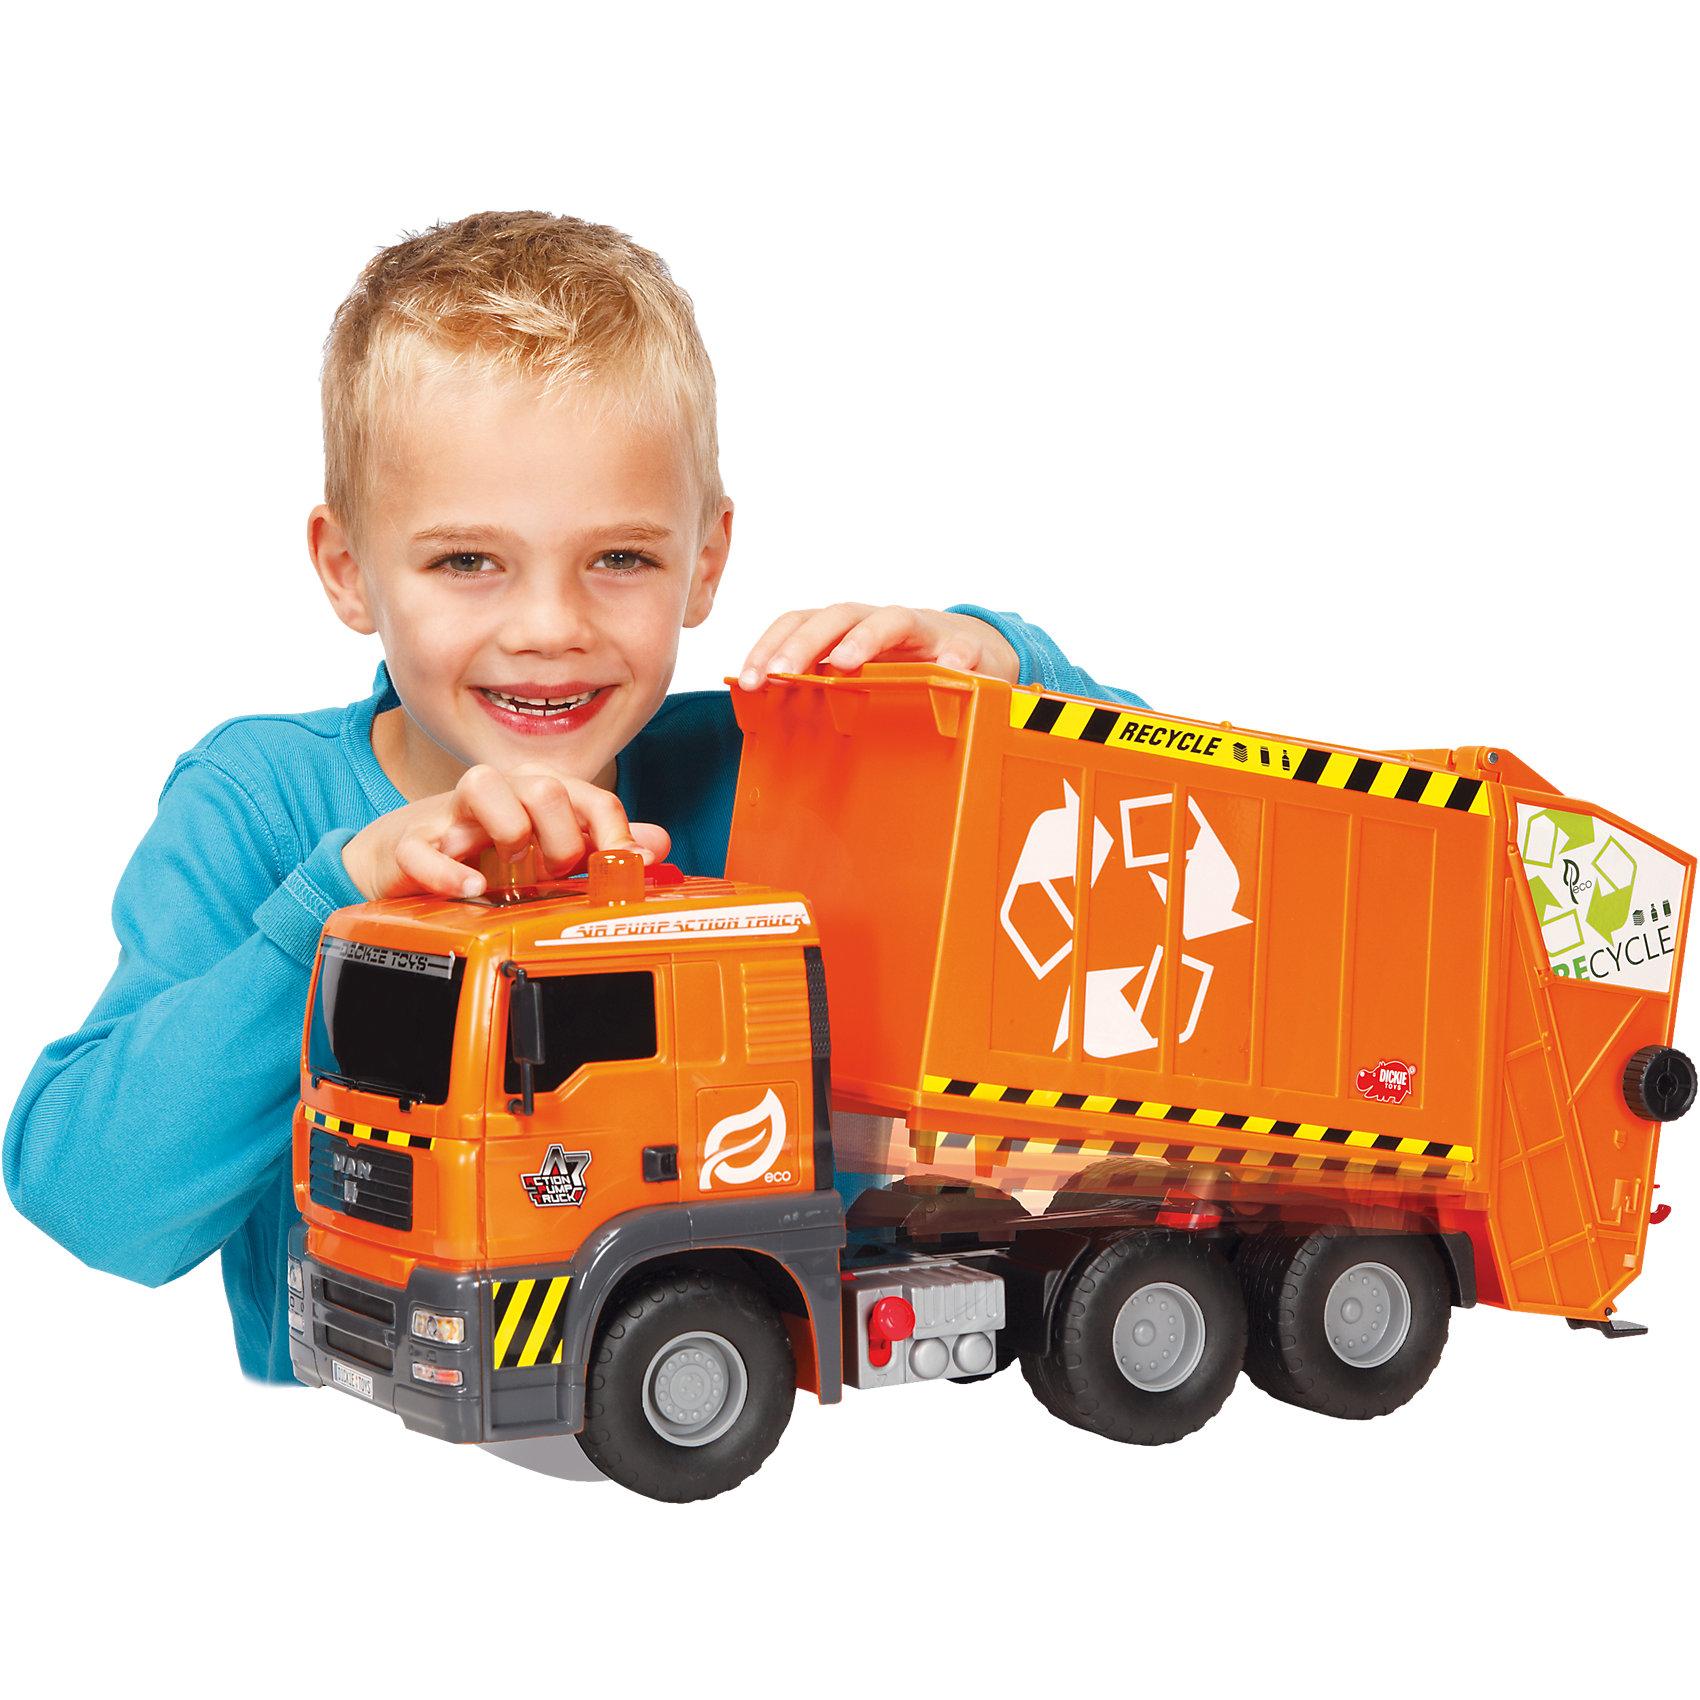 Мусоровоз функциональный, 55 см, DickieГрузовик- мусоровоз займет достойное место в коллекции автомобилей любого мальчишки! Машина прекрасно детализирована, имеет множество реалистичных деталей, очень похожа на настоящий грузовик. Мусоровоз имеет подвижные колеса с широкими рельефными протекторами, оснащен подъемным кузовом с пневматическим механизмом, который приводится в действие нажатием на специальный рычаг, расположенный на корпусе игрушки. Игрушка выполнена из прочных экологичных материалов, в производстве которых использованы нетоксичные, безопасные красители.   <br><br>Дополнительная информация:<br><br>- Материал: пластик, металл.<br>- Размер: 31 см.<br>- Подвижные колеса.<br>- Кузов поднимается и опускается с помощью пневматического механизма Air Pump.<br>- Комплектация: машинка, контейнер.<br><br>Мусоровоз многофункциональный, 55 см, Dickie (Дикки), можно купить в нашем магазине.<br><br>Ширина мм: 600<br>Глубина мм: 281<br>Высота мм: 205<br>Вес г: 2127<br>Возраст от месяцев: 36<br>Возраст до месяцев: 84<br>Пол: Мужской<br>Возраст: Детский<br>SKU: 4048277